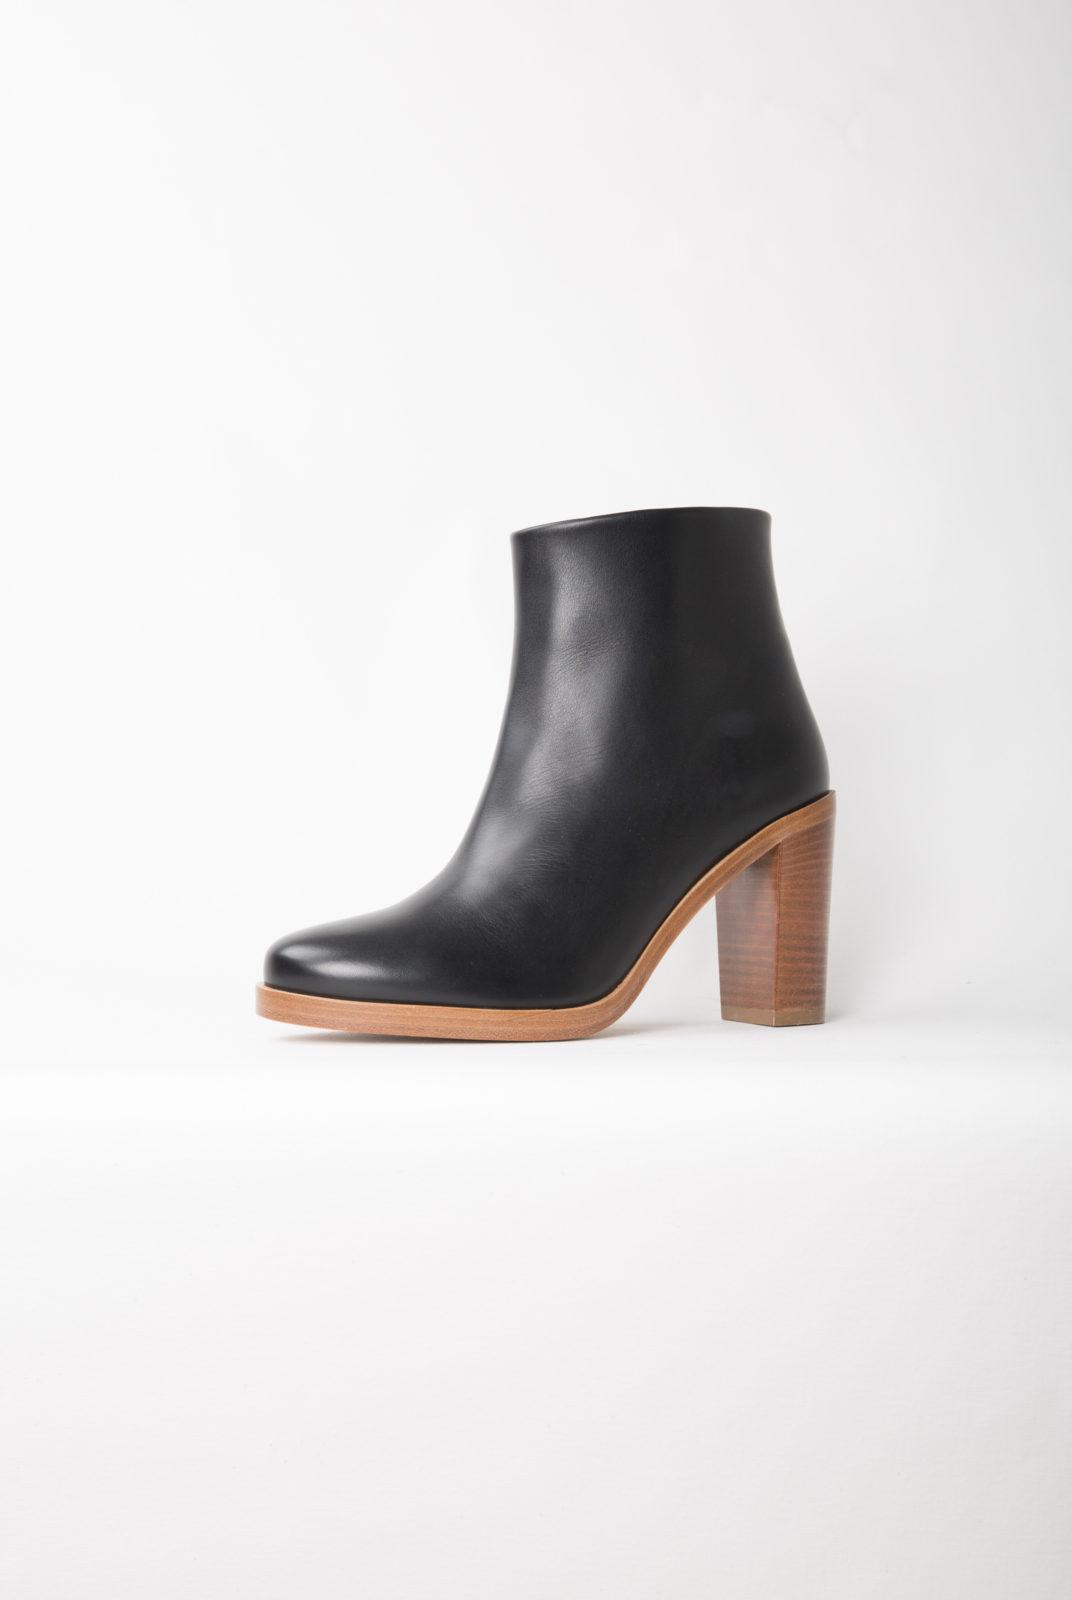 Cuir lisse italien. Fabrication portugaise. Chaussures mi-hautes. Bout arrondi. Fermeture zippée à l'intérieur de la jambe. Sous-patte de protection en cuir. Intérieur en cuir lisse, cuir velours à l'arrière. Semelle intérieure renforcée au talon pour plus de confort.